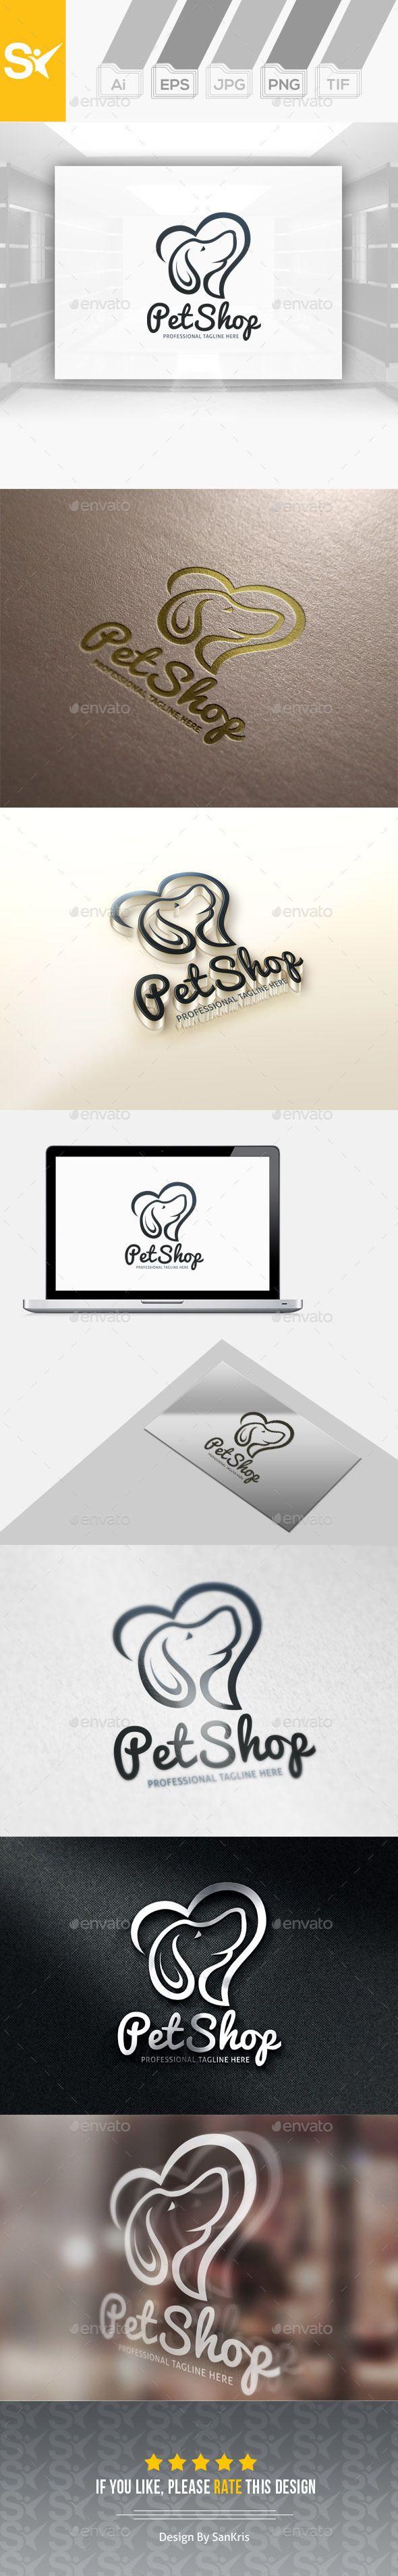 Pet Shop Logo  EPS Template • Download ↓ https://graphicriver.net/item/pet-shop-logo/12935972?ref=pxcr